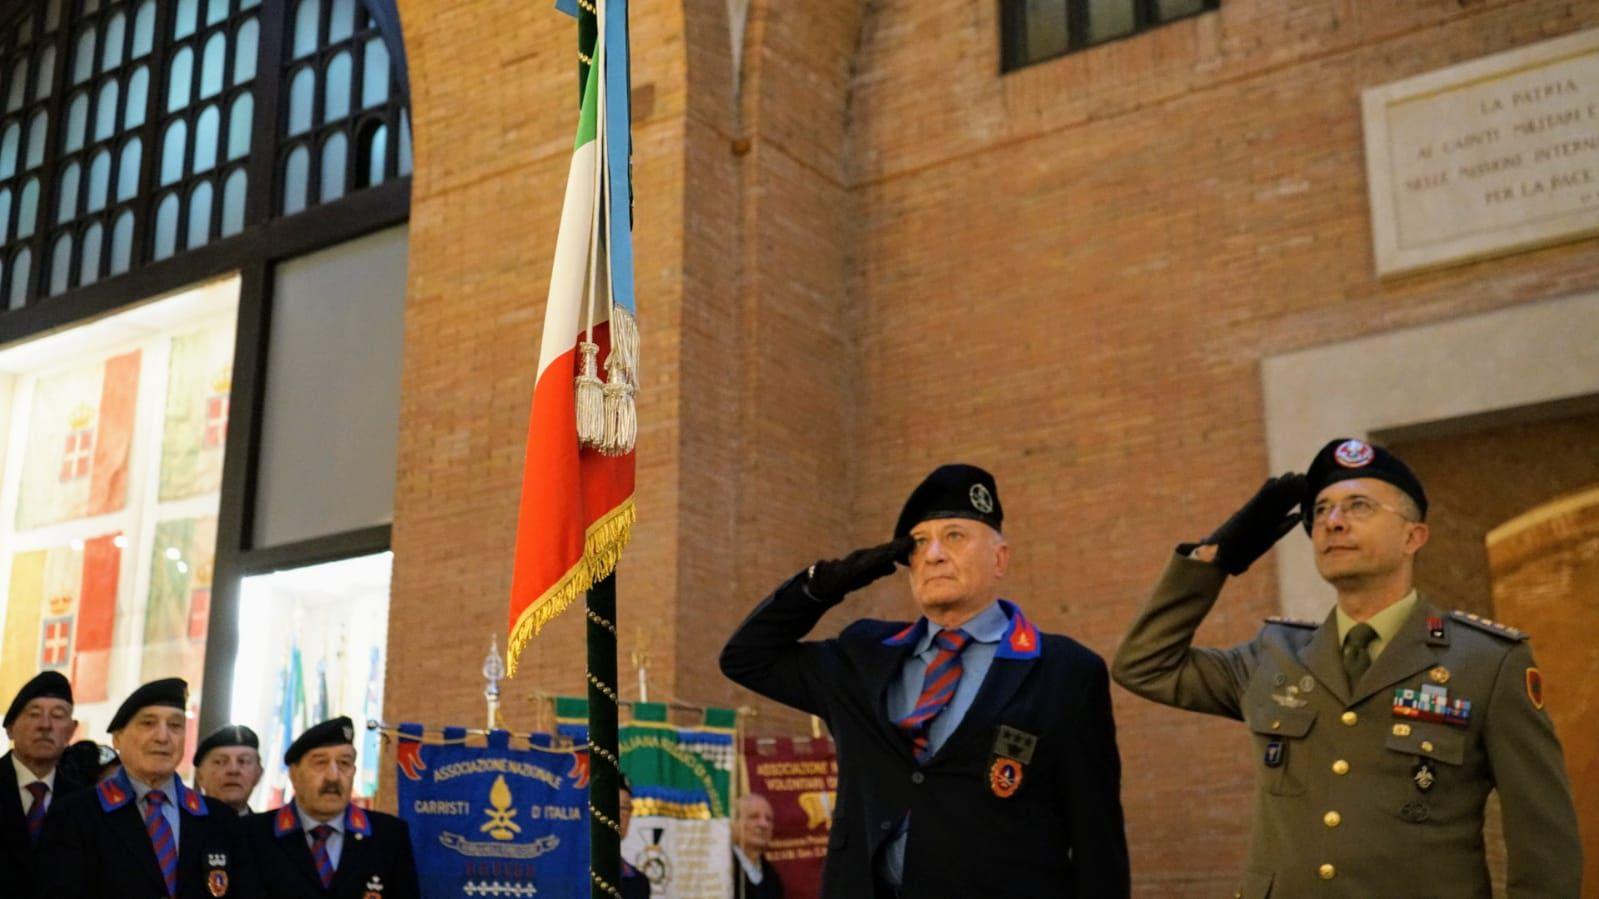 Roma:cerimonia di deposizione dello Stendardo del 31°Reggimento Carri al Vittoriano